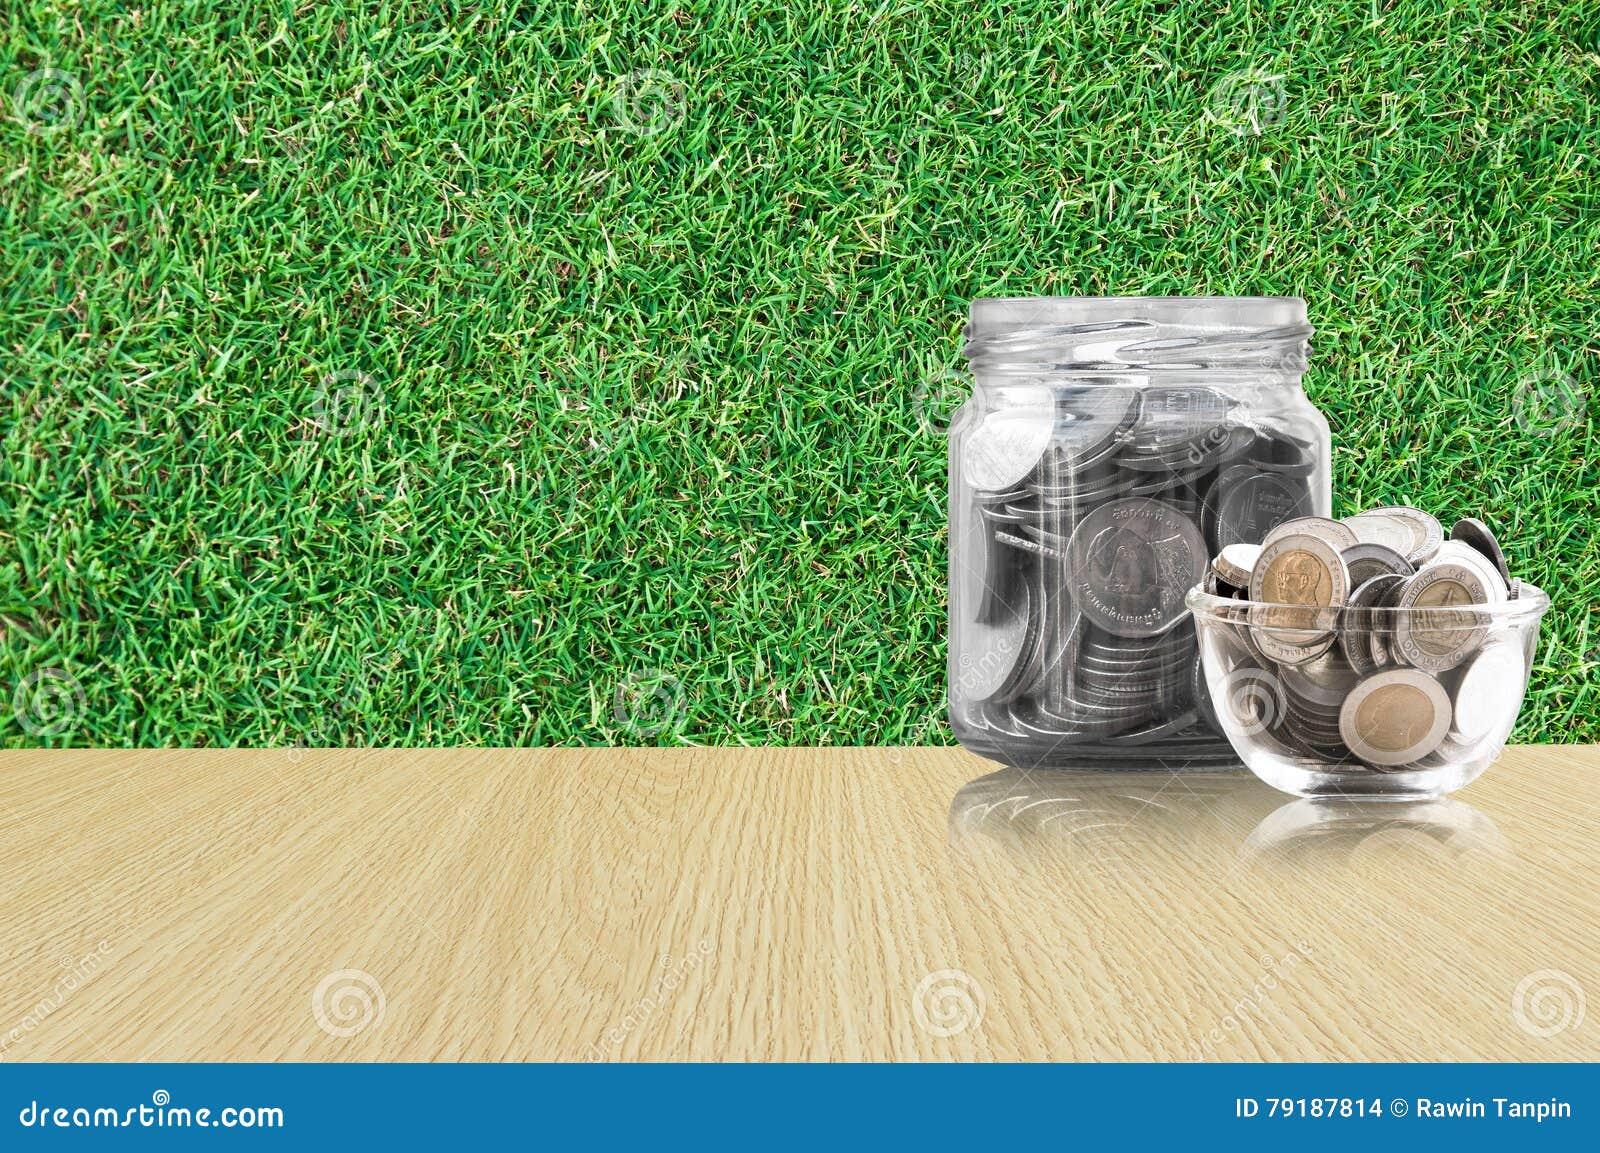 Fußboden Aus Münzen ~ Münzen in einem glasgefäß auf holzfußboden einsparungen prägt